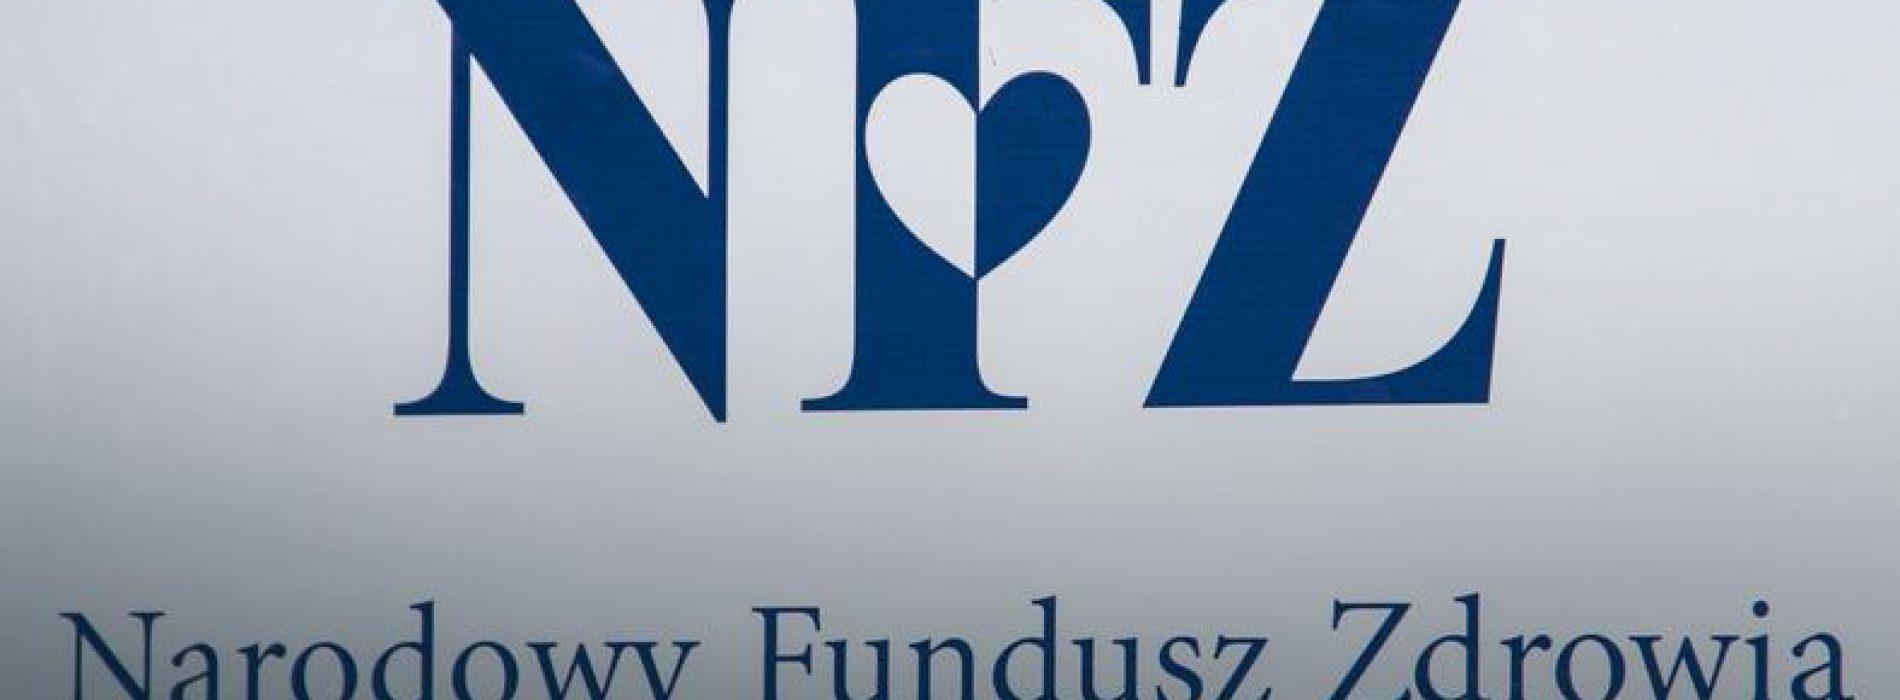 Olsztyńska klinika Budzik podpisała kontrakt z NFZ